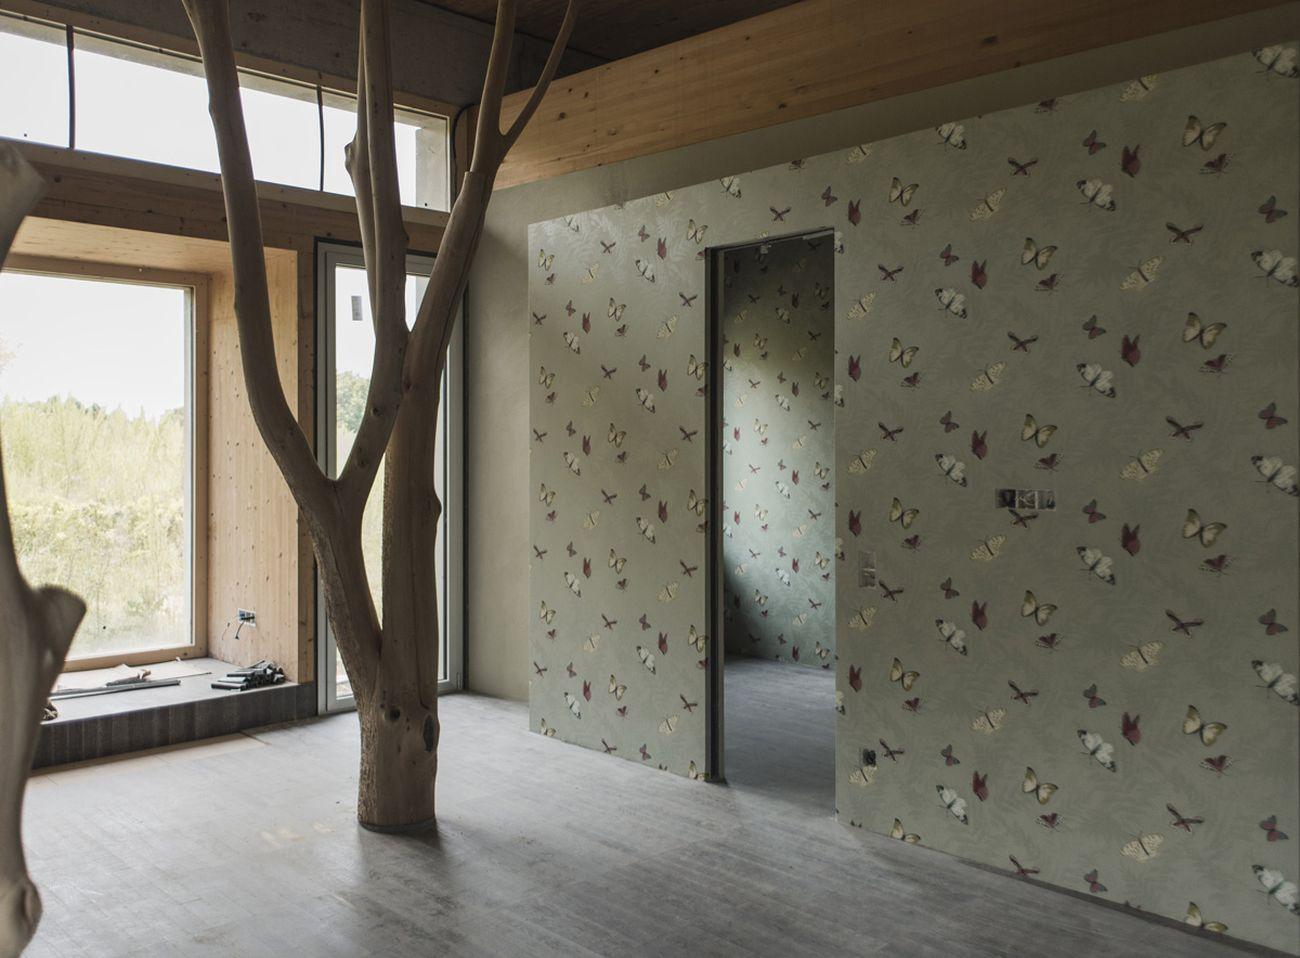 Sandro Lazier, 13 Haus, Roddi (CN) 2015. Progetto vincitore del Premio Architects meet in Selinunte 2016